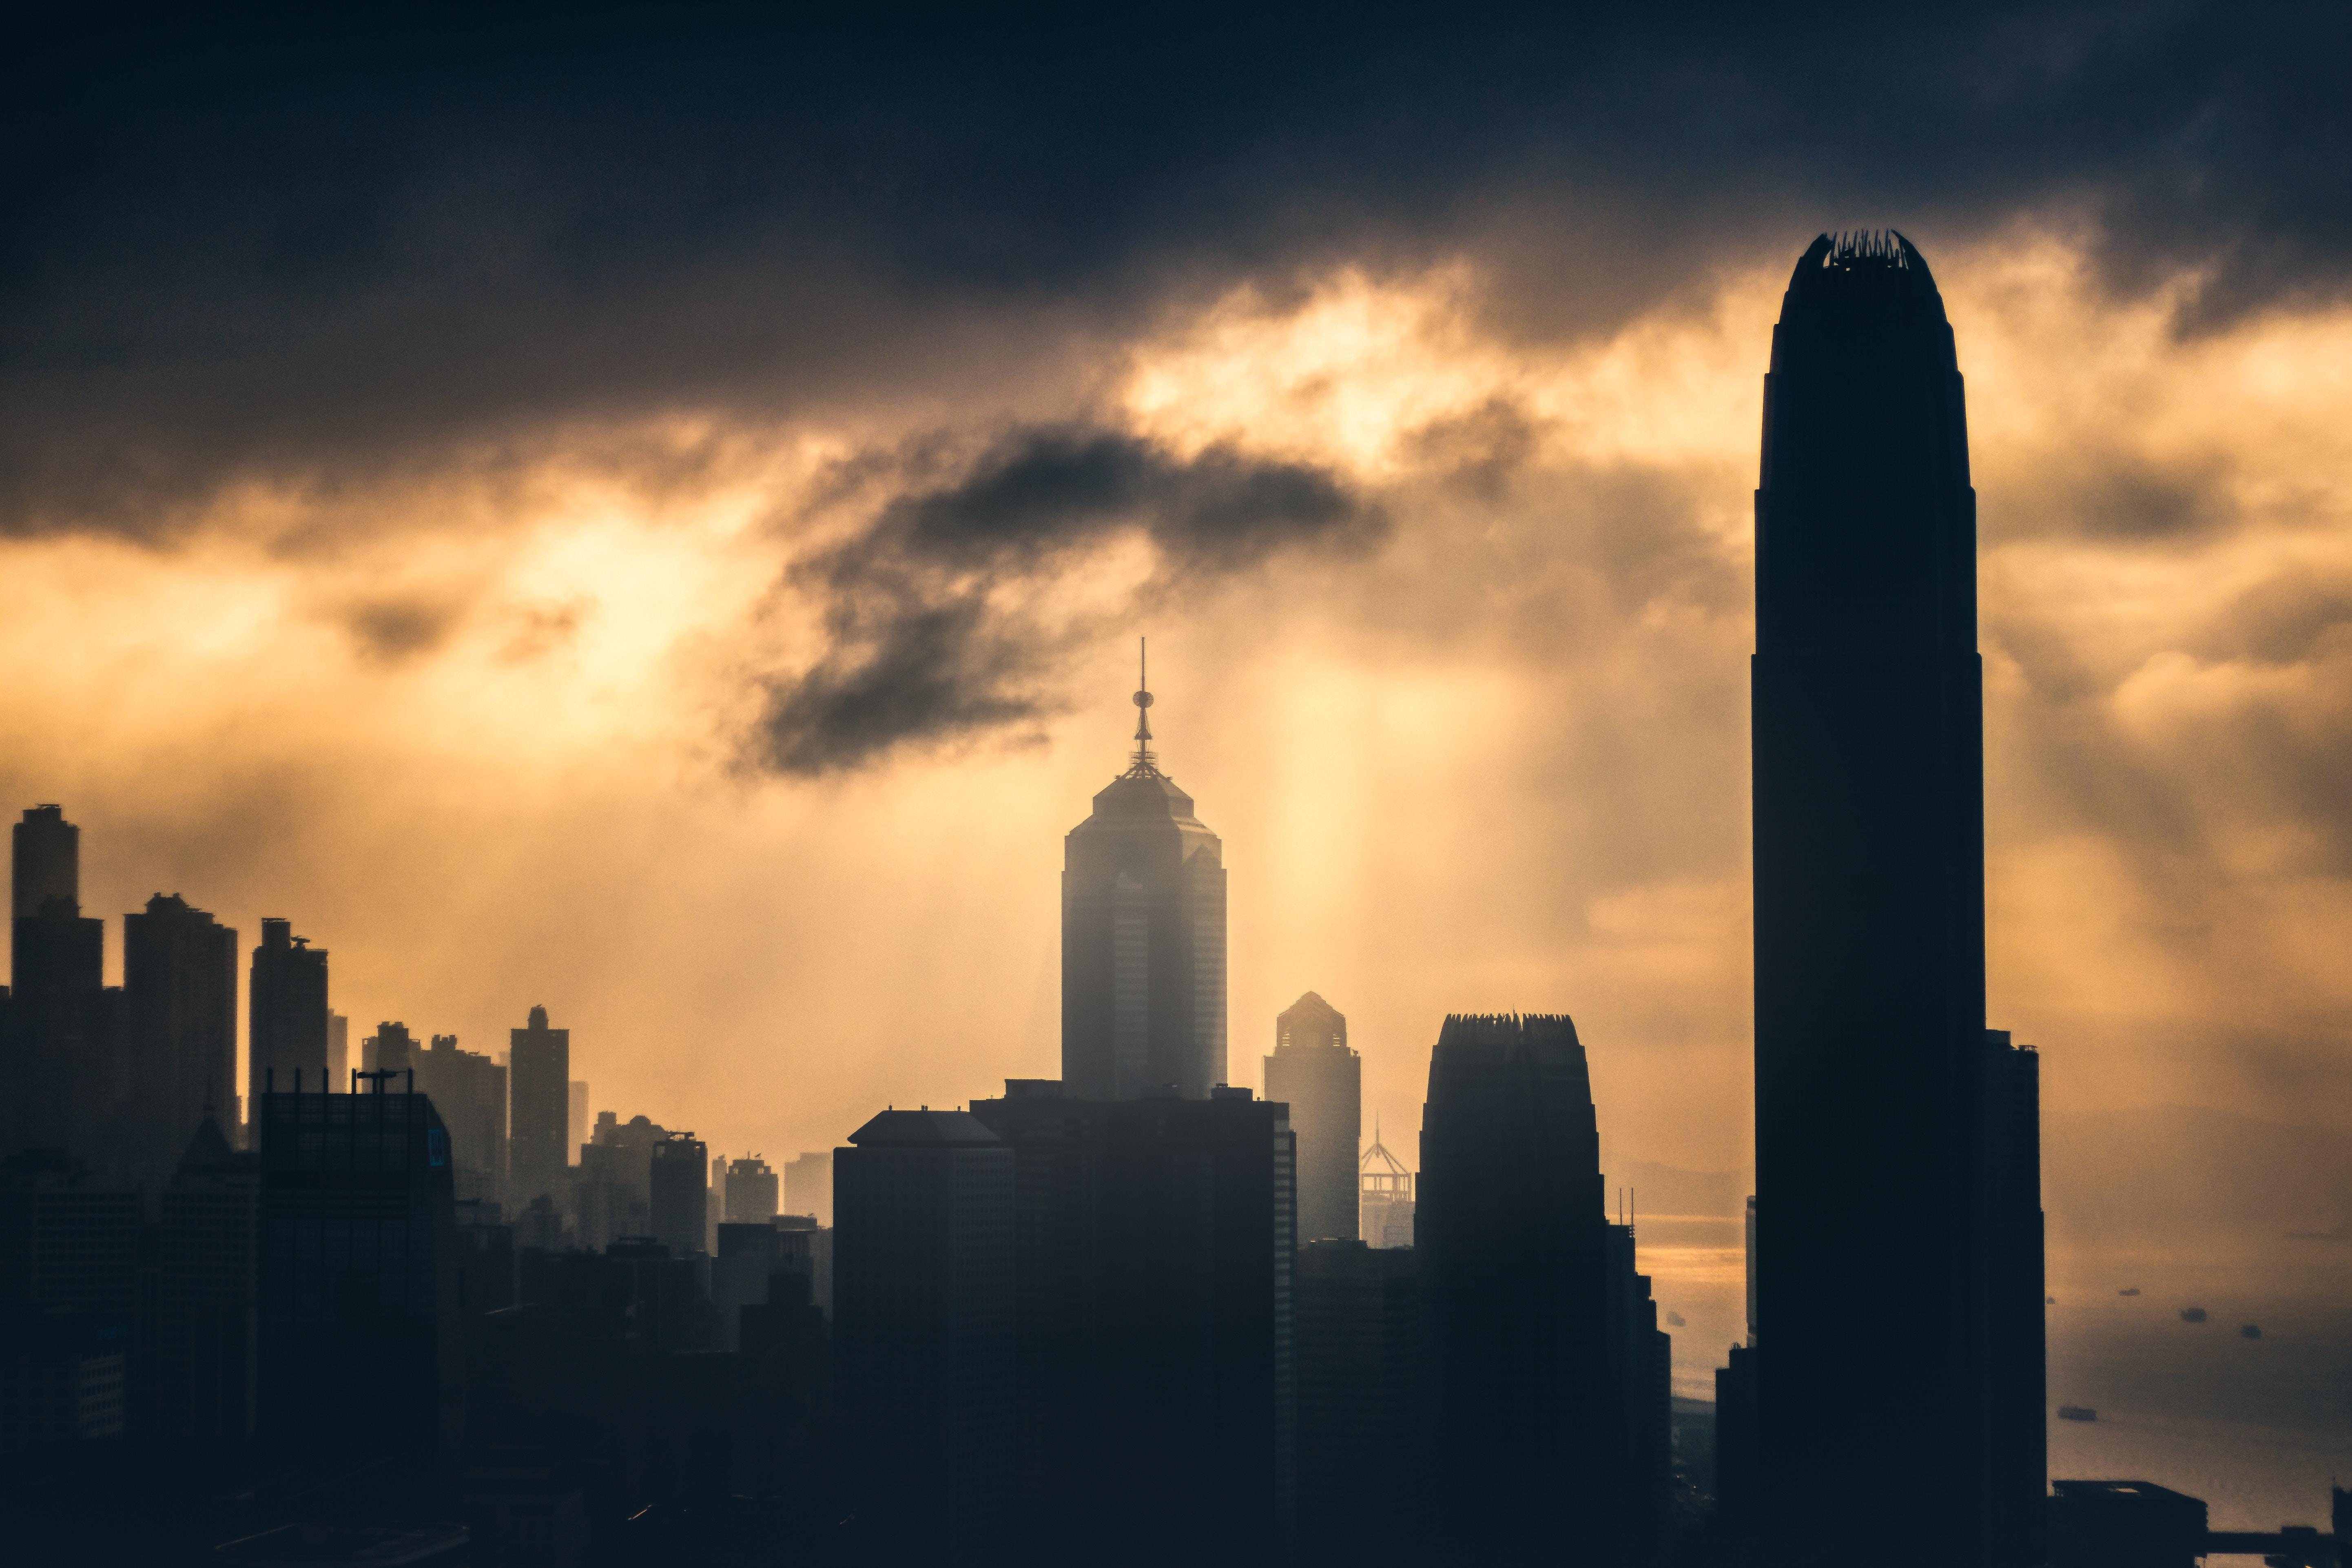 Hidden in the Mist short thriller stories